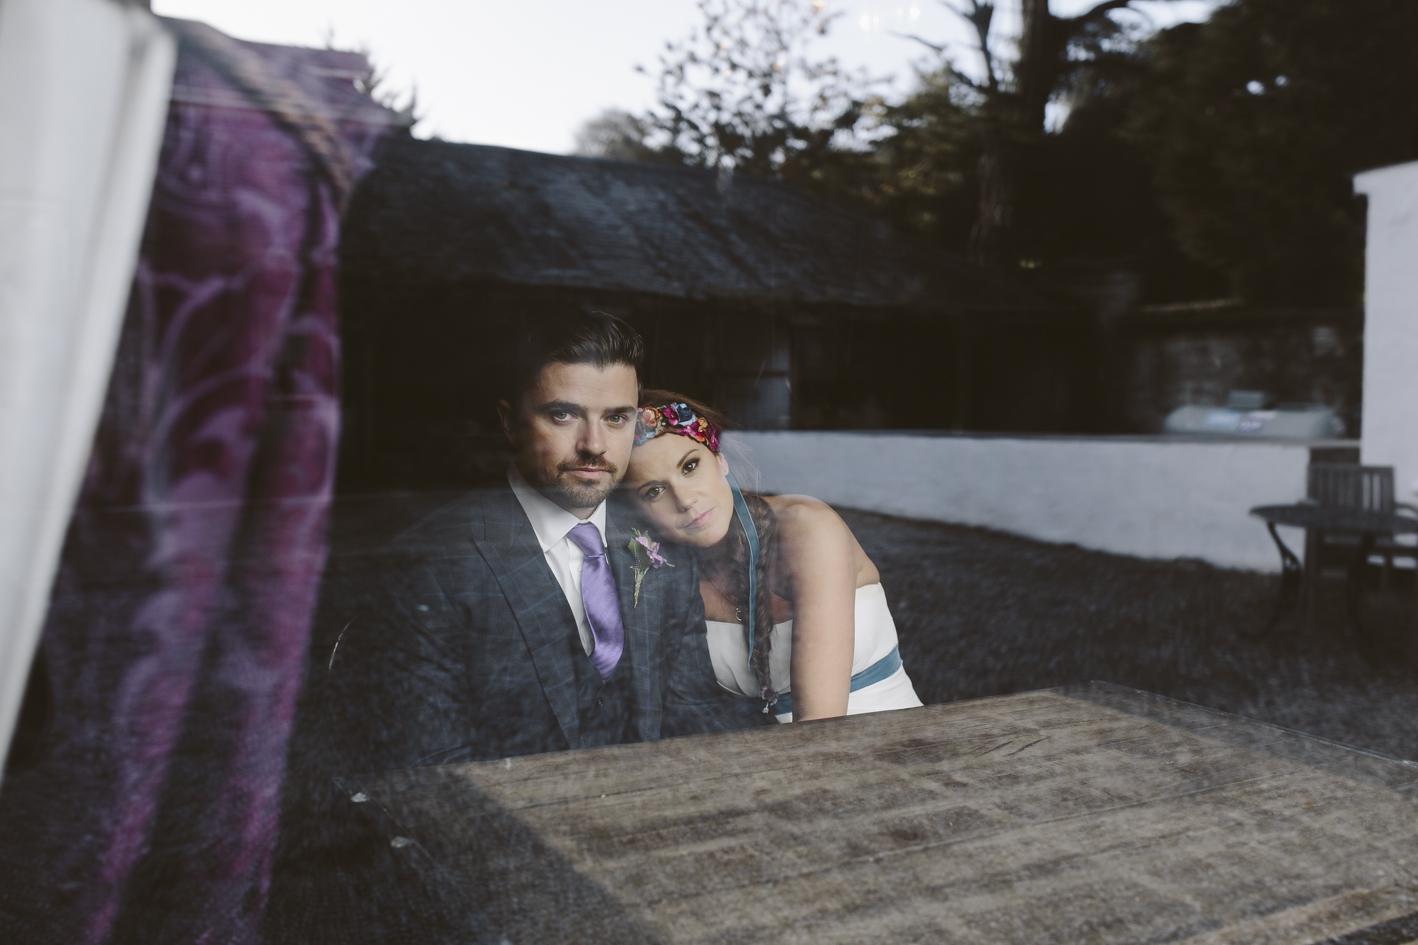 Wedding photographer Ireland Graciela Vilagudin 857.jpg